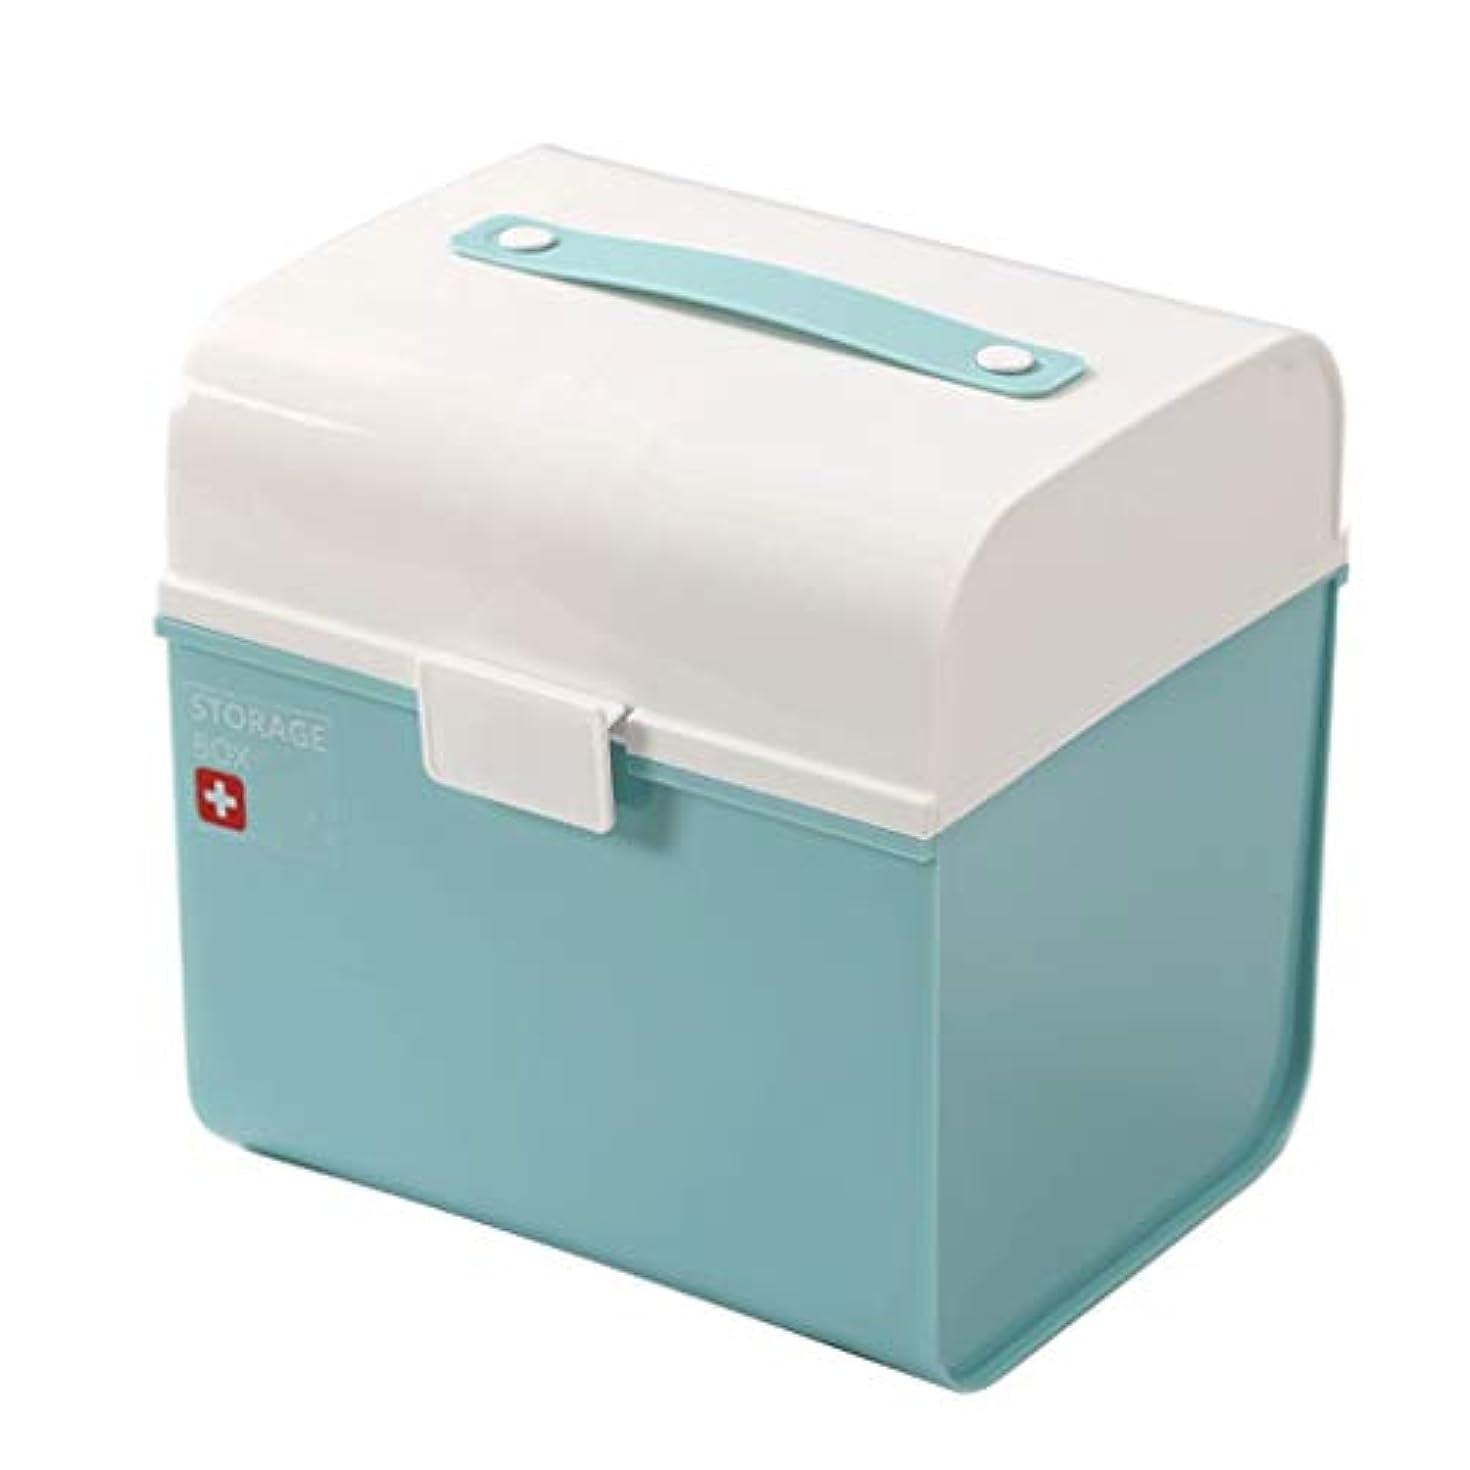 ピルボックスPP 24 * 19.5 * 25 cm家庭用薬ボックス薬収納ボックス (色 : 青)